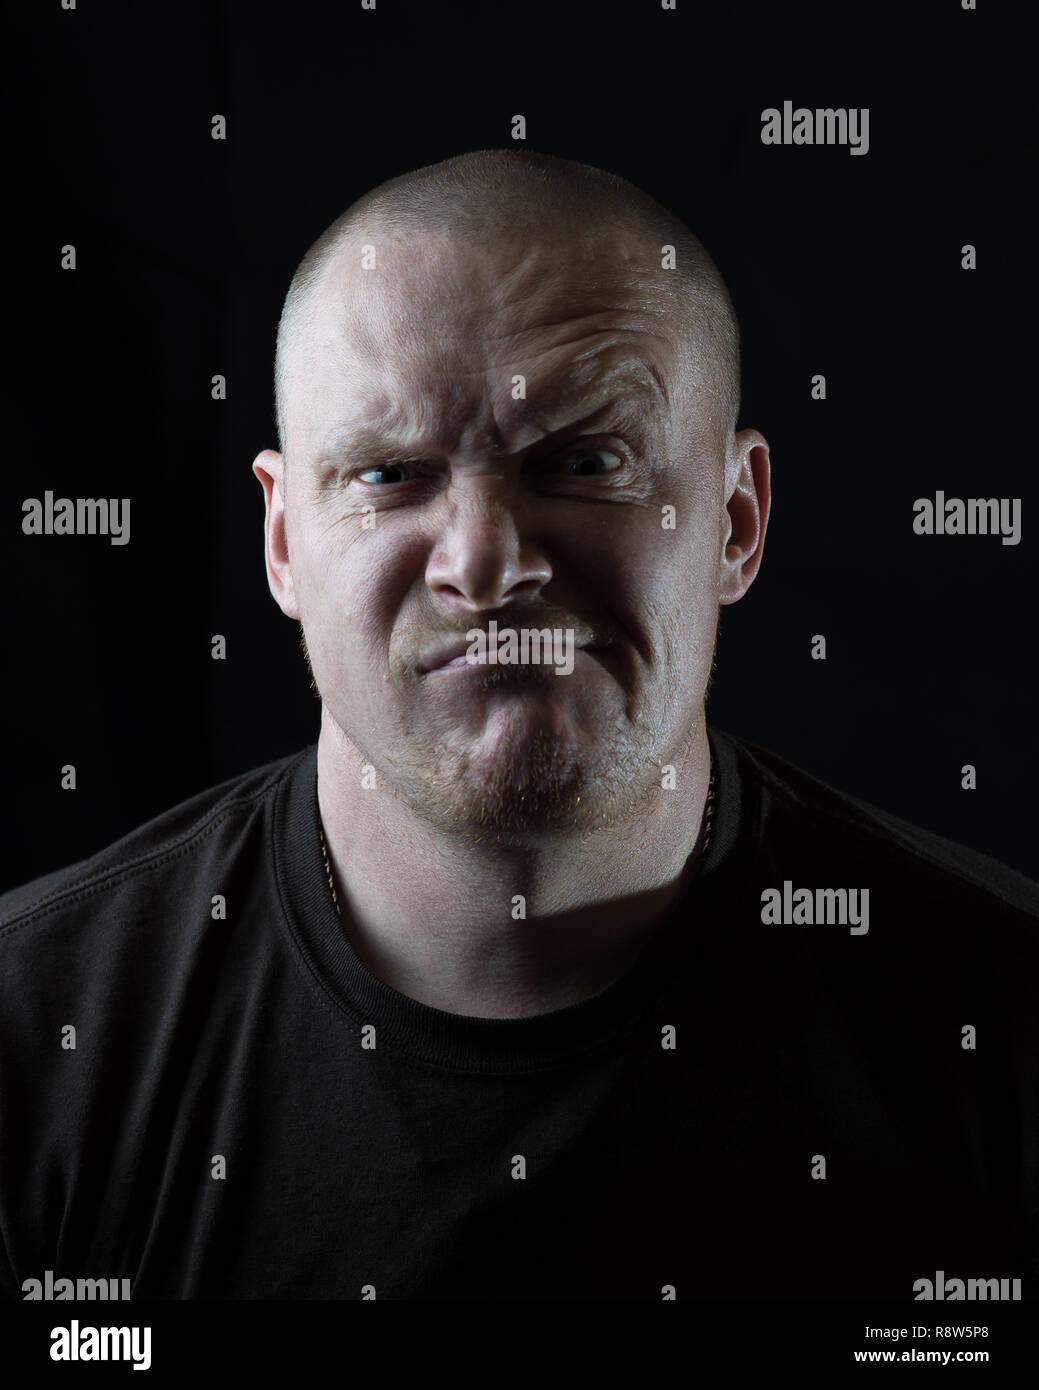 Retrato de un hombre brutal que hace una mueca Imagen De Stock